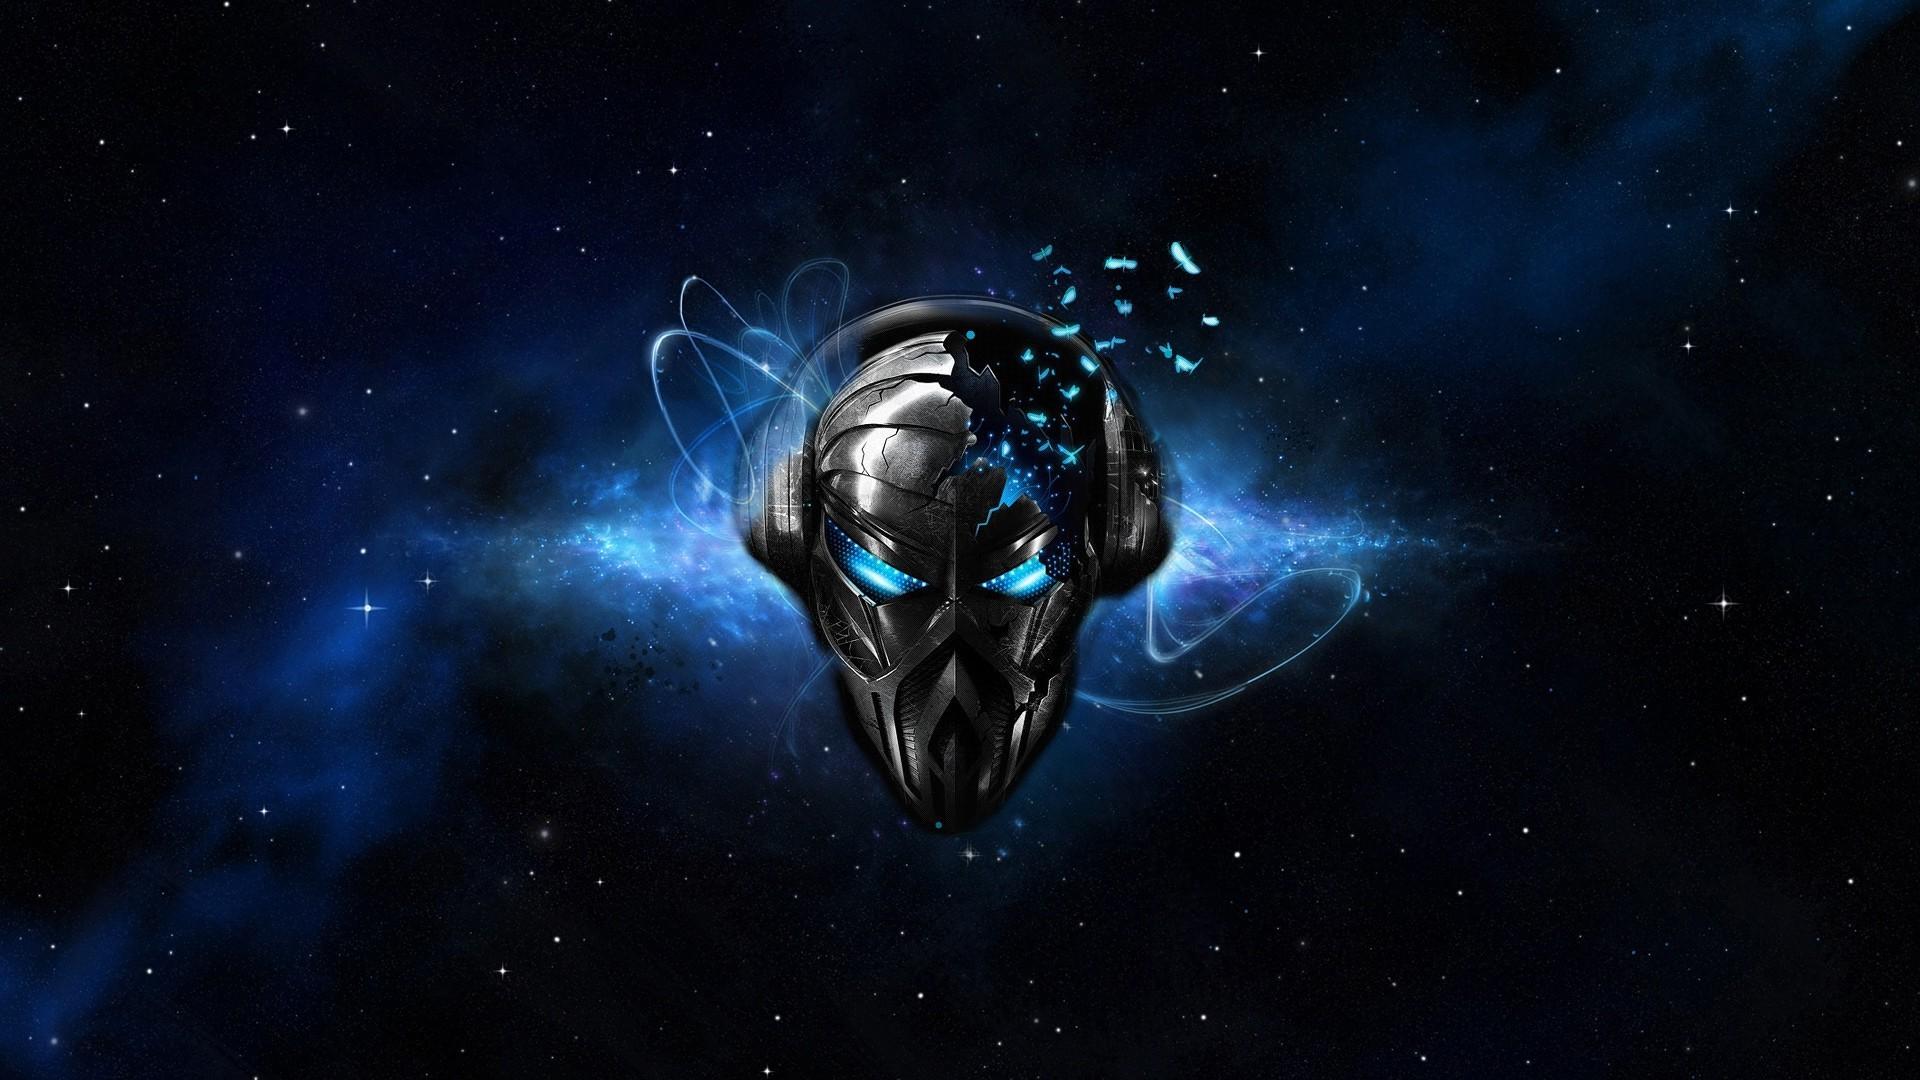 Best Wallpaper Music Space - 1920x1080-px-artwork-blue-eyes-digital-art-headphones-mask-music-shattered-skull-space-stars-1056026  HD_2939.jpg